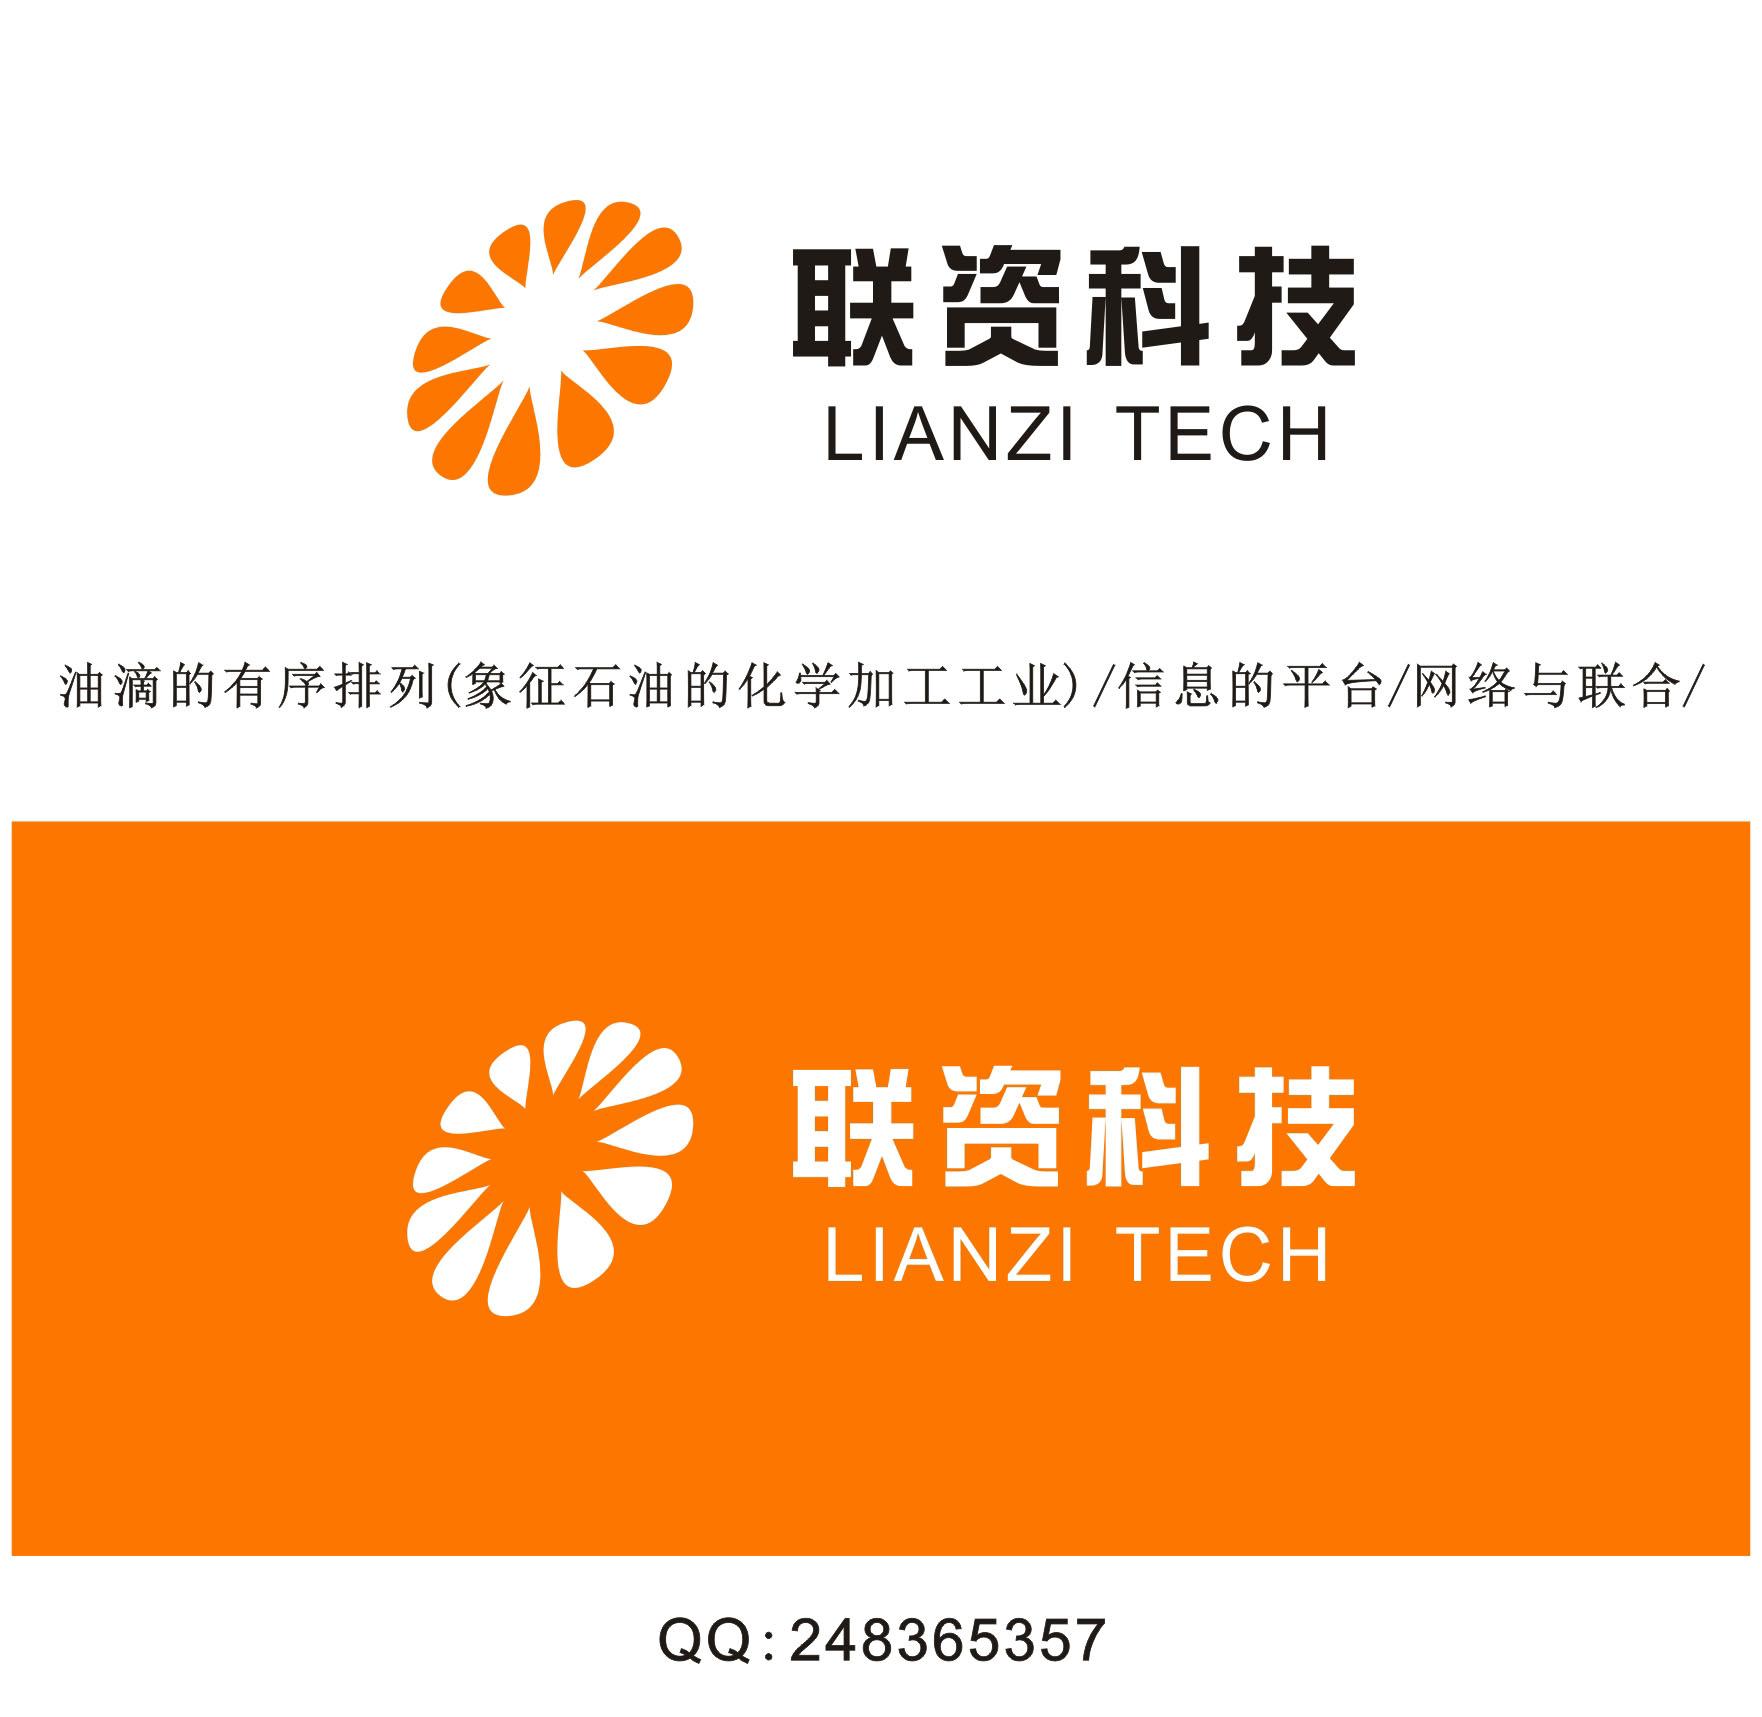 石化行业公司Logo设计_2963353_k68威客网